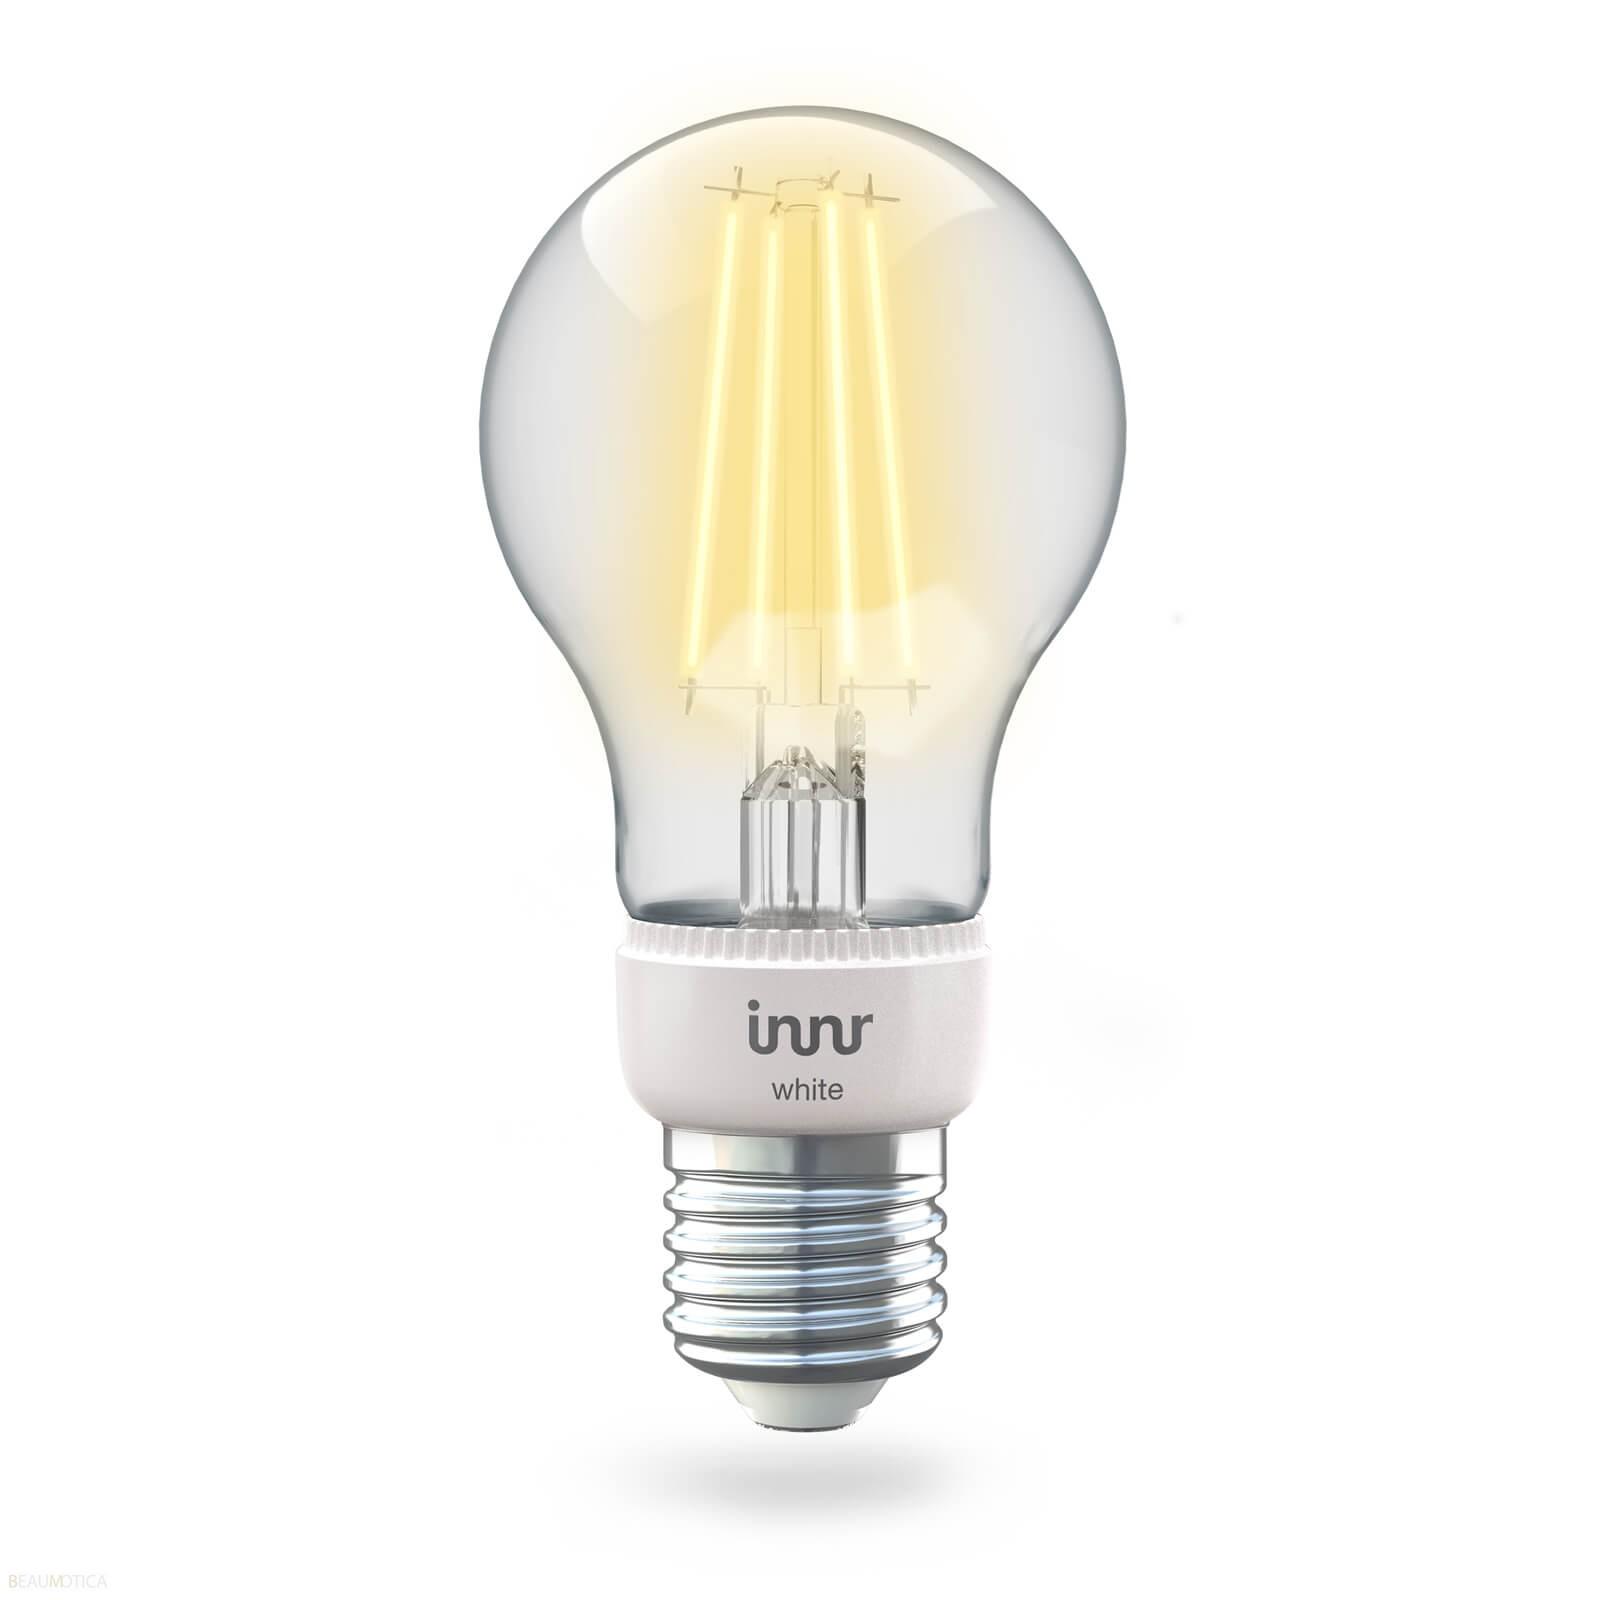 Innr Lampen